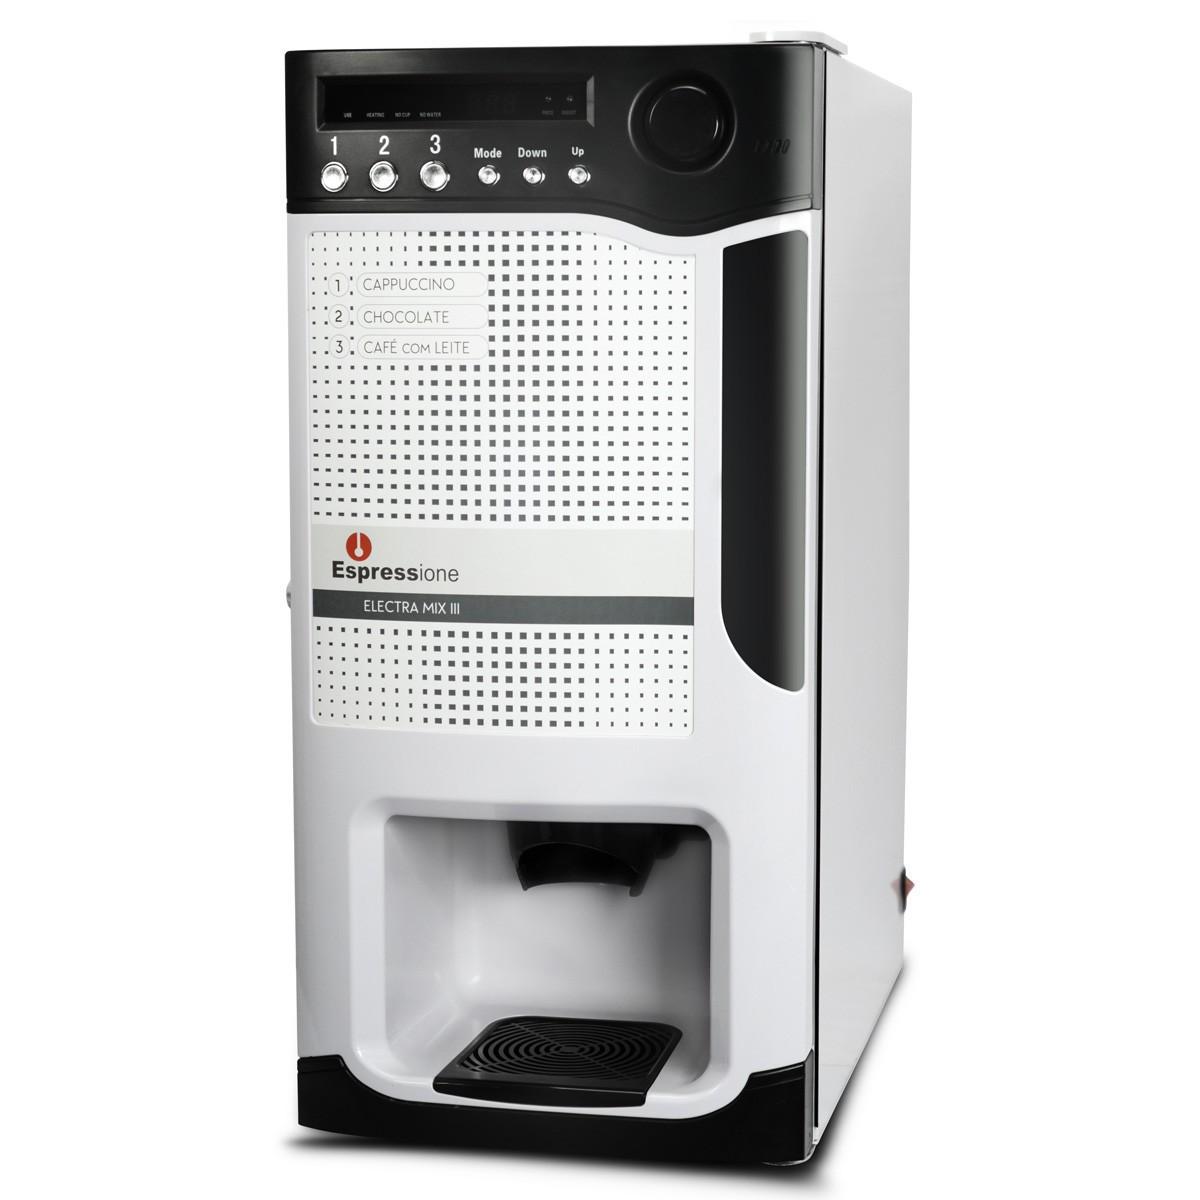 Máquina Electra Mix III 220v Versão Solúvel Espressione Branca - Reembalada